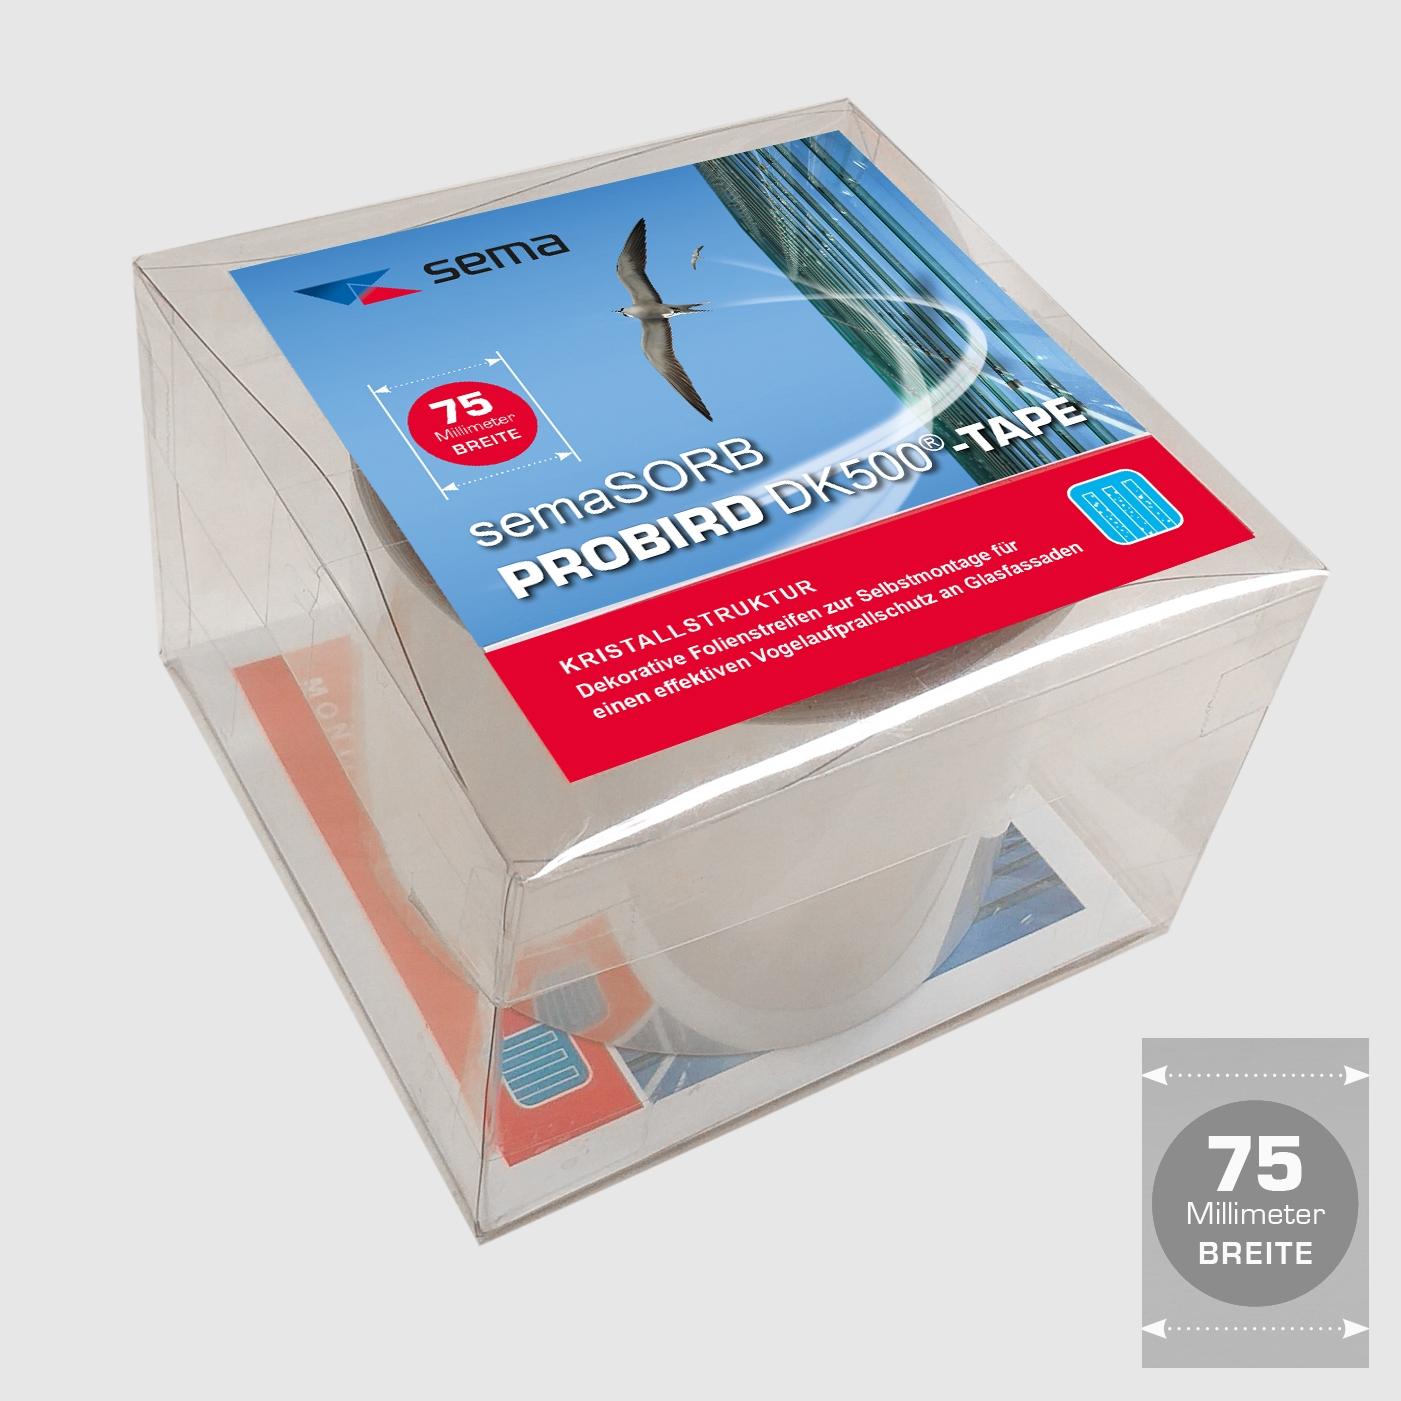 Vogelschutzstreifen semaSORB PROBIRD DK500 Tape, 75mm breit